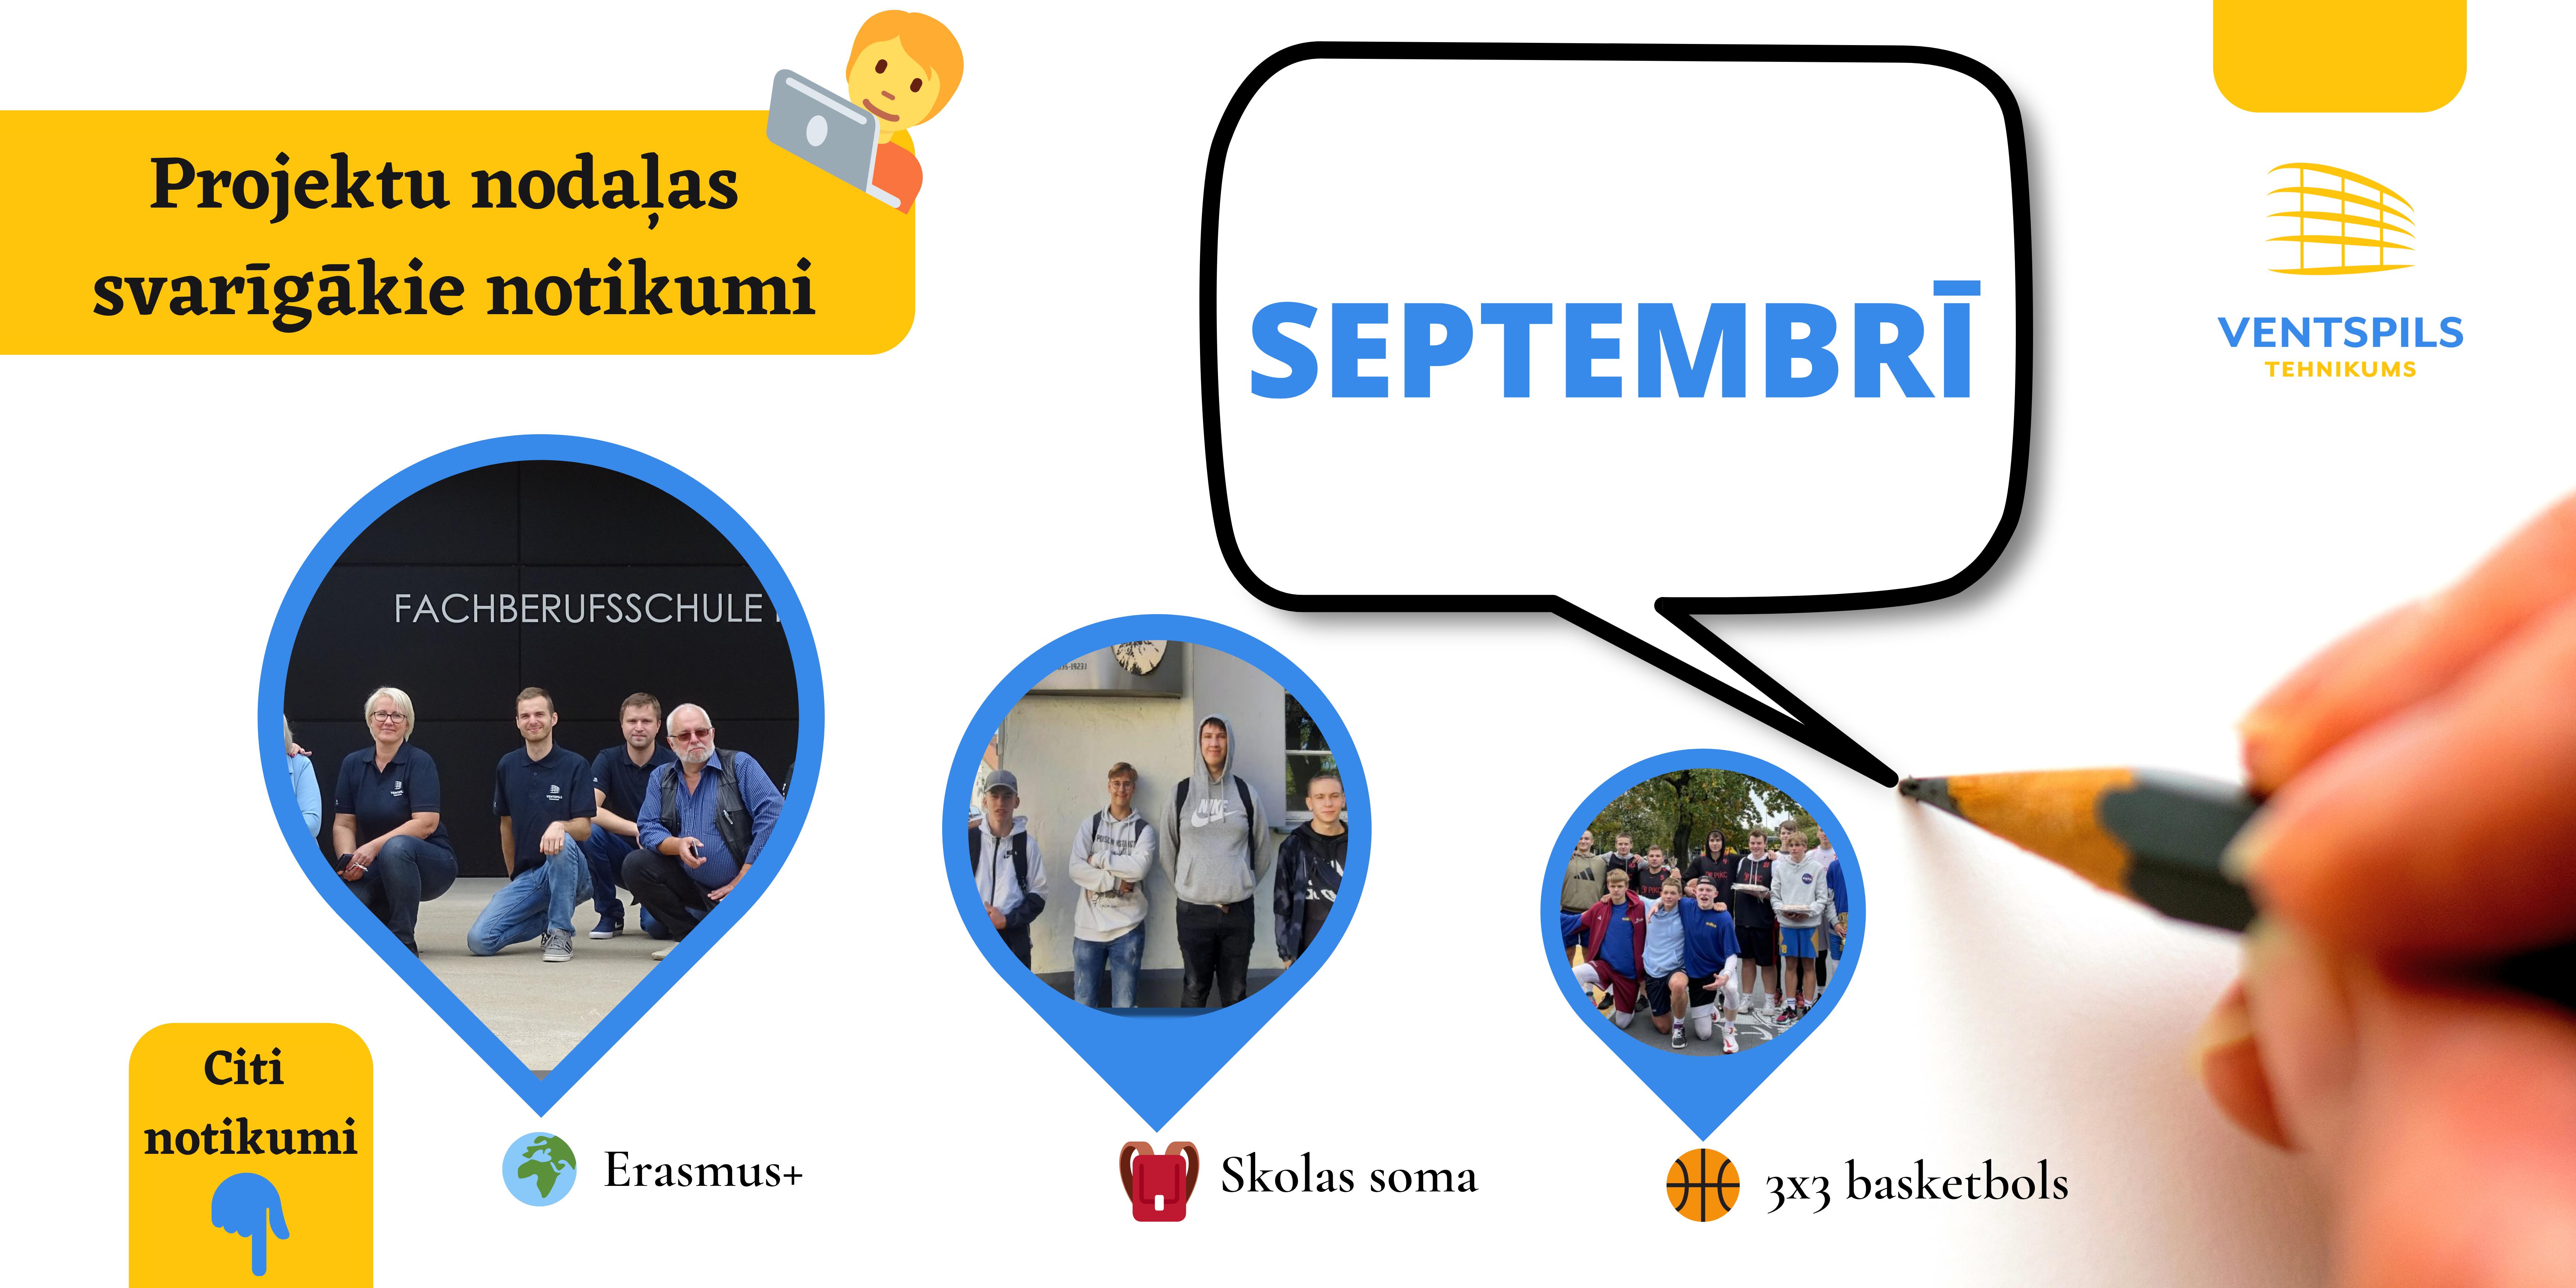 Projektu nodaļas septembra svarīgākie notikumi